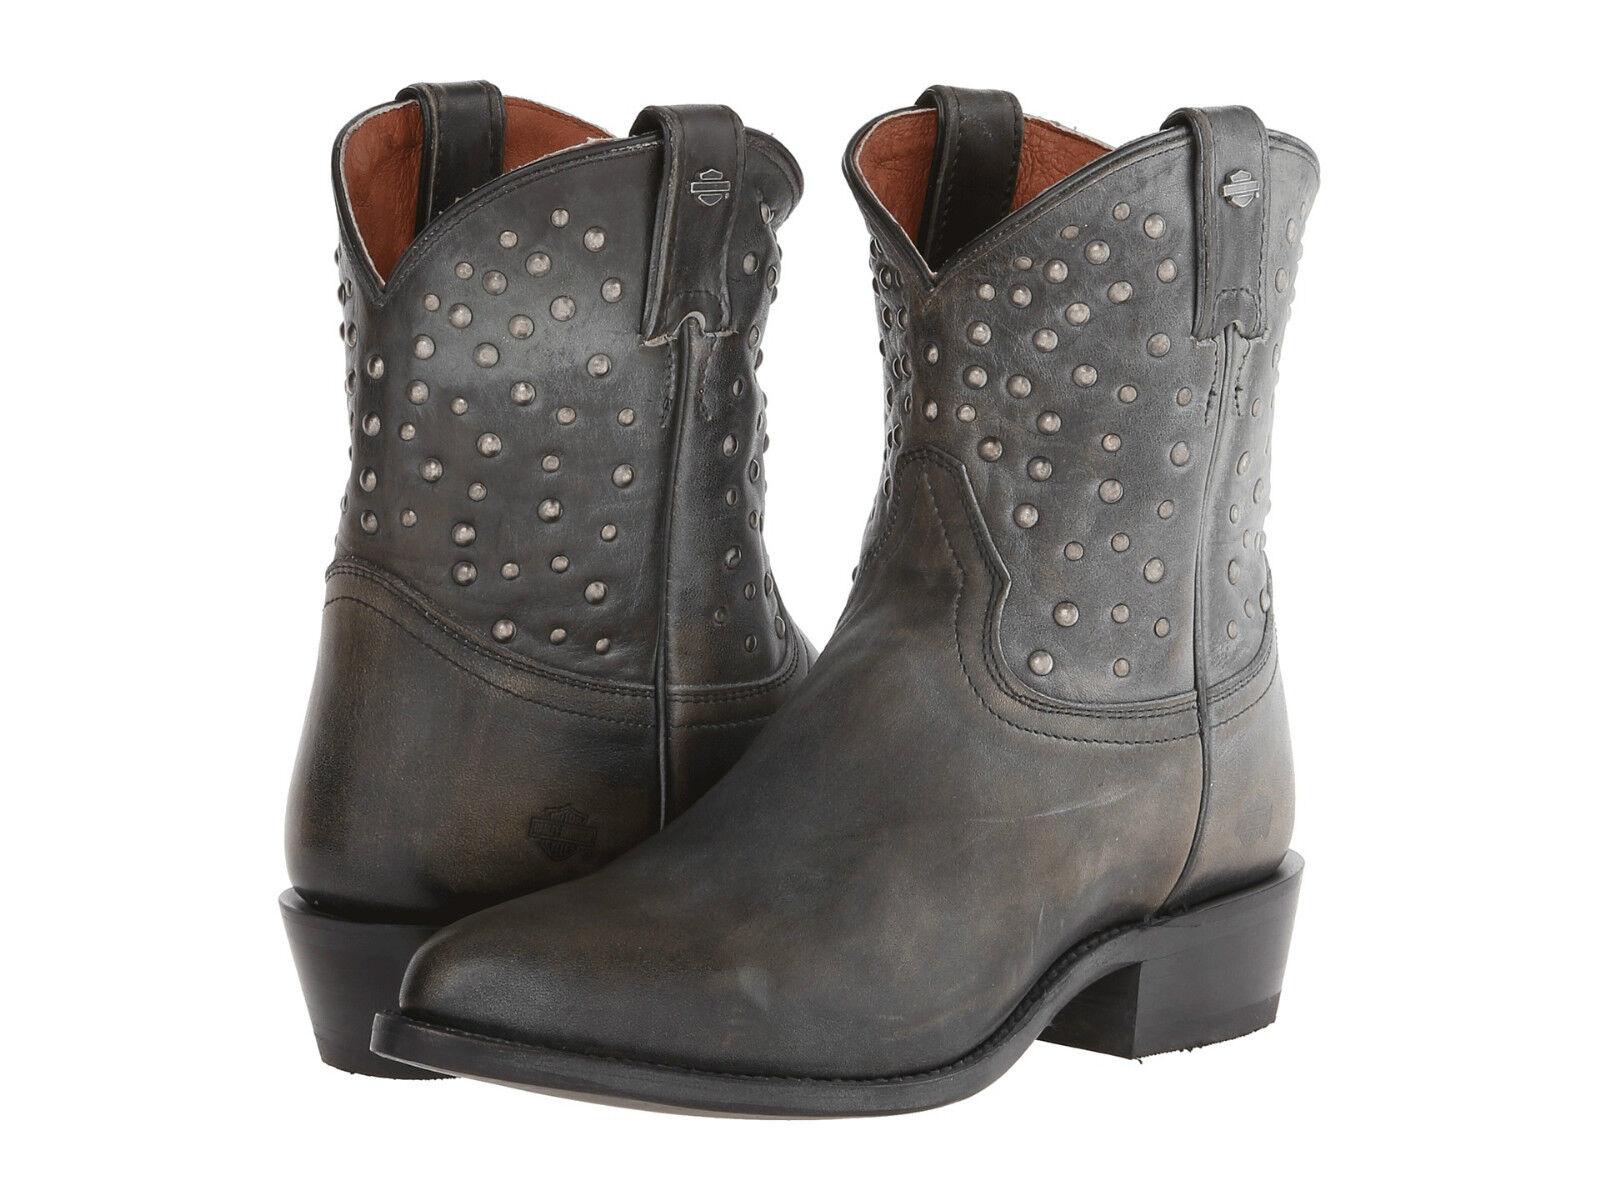 HARLEY DAVIDSON onorevoli Kira effetto anticato grigio nero in pelle Western Boots Biker